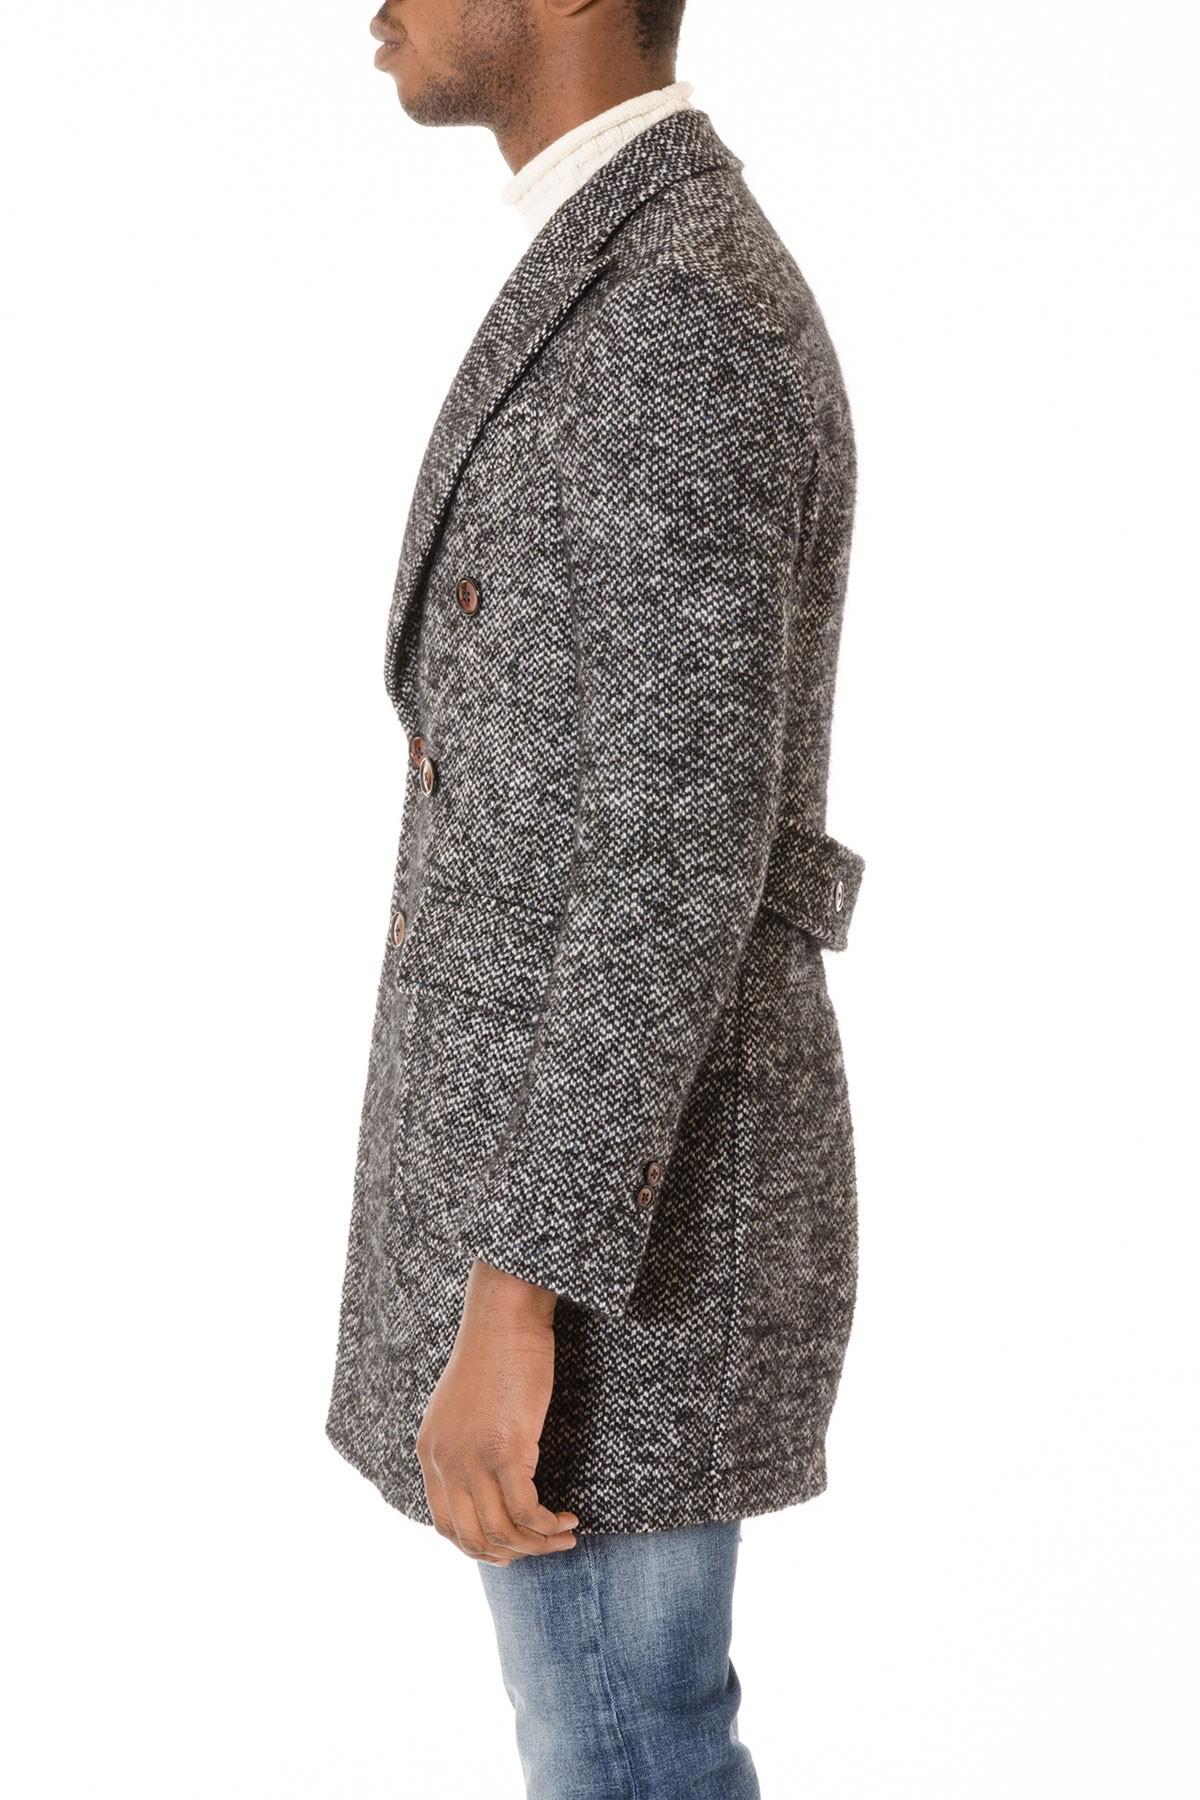 new styles 2db08 9ab1a DOMENICO TAGLIENTE Cappotto bianco grigio e nero da uomo A/I ...